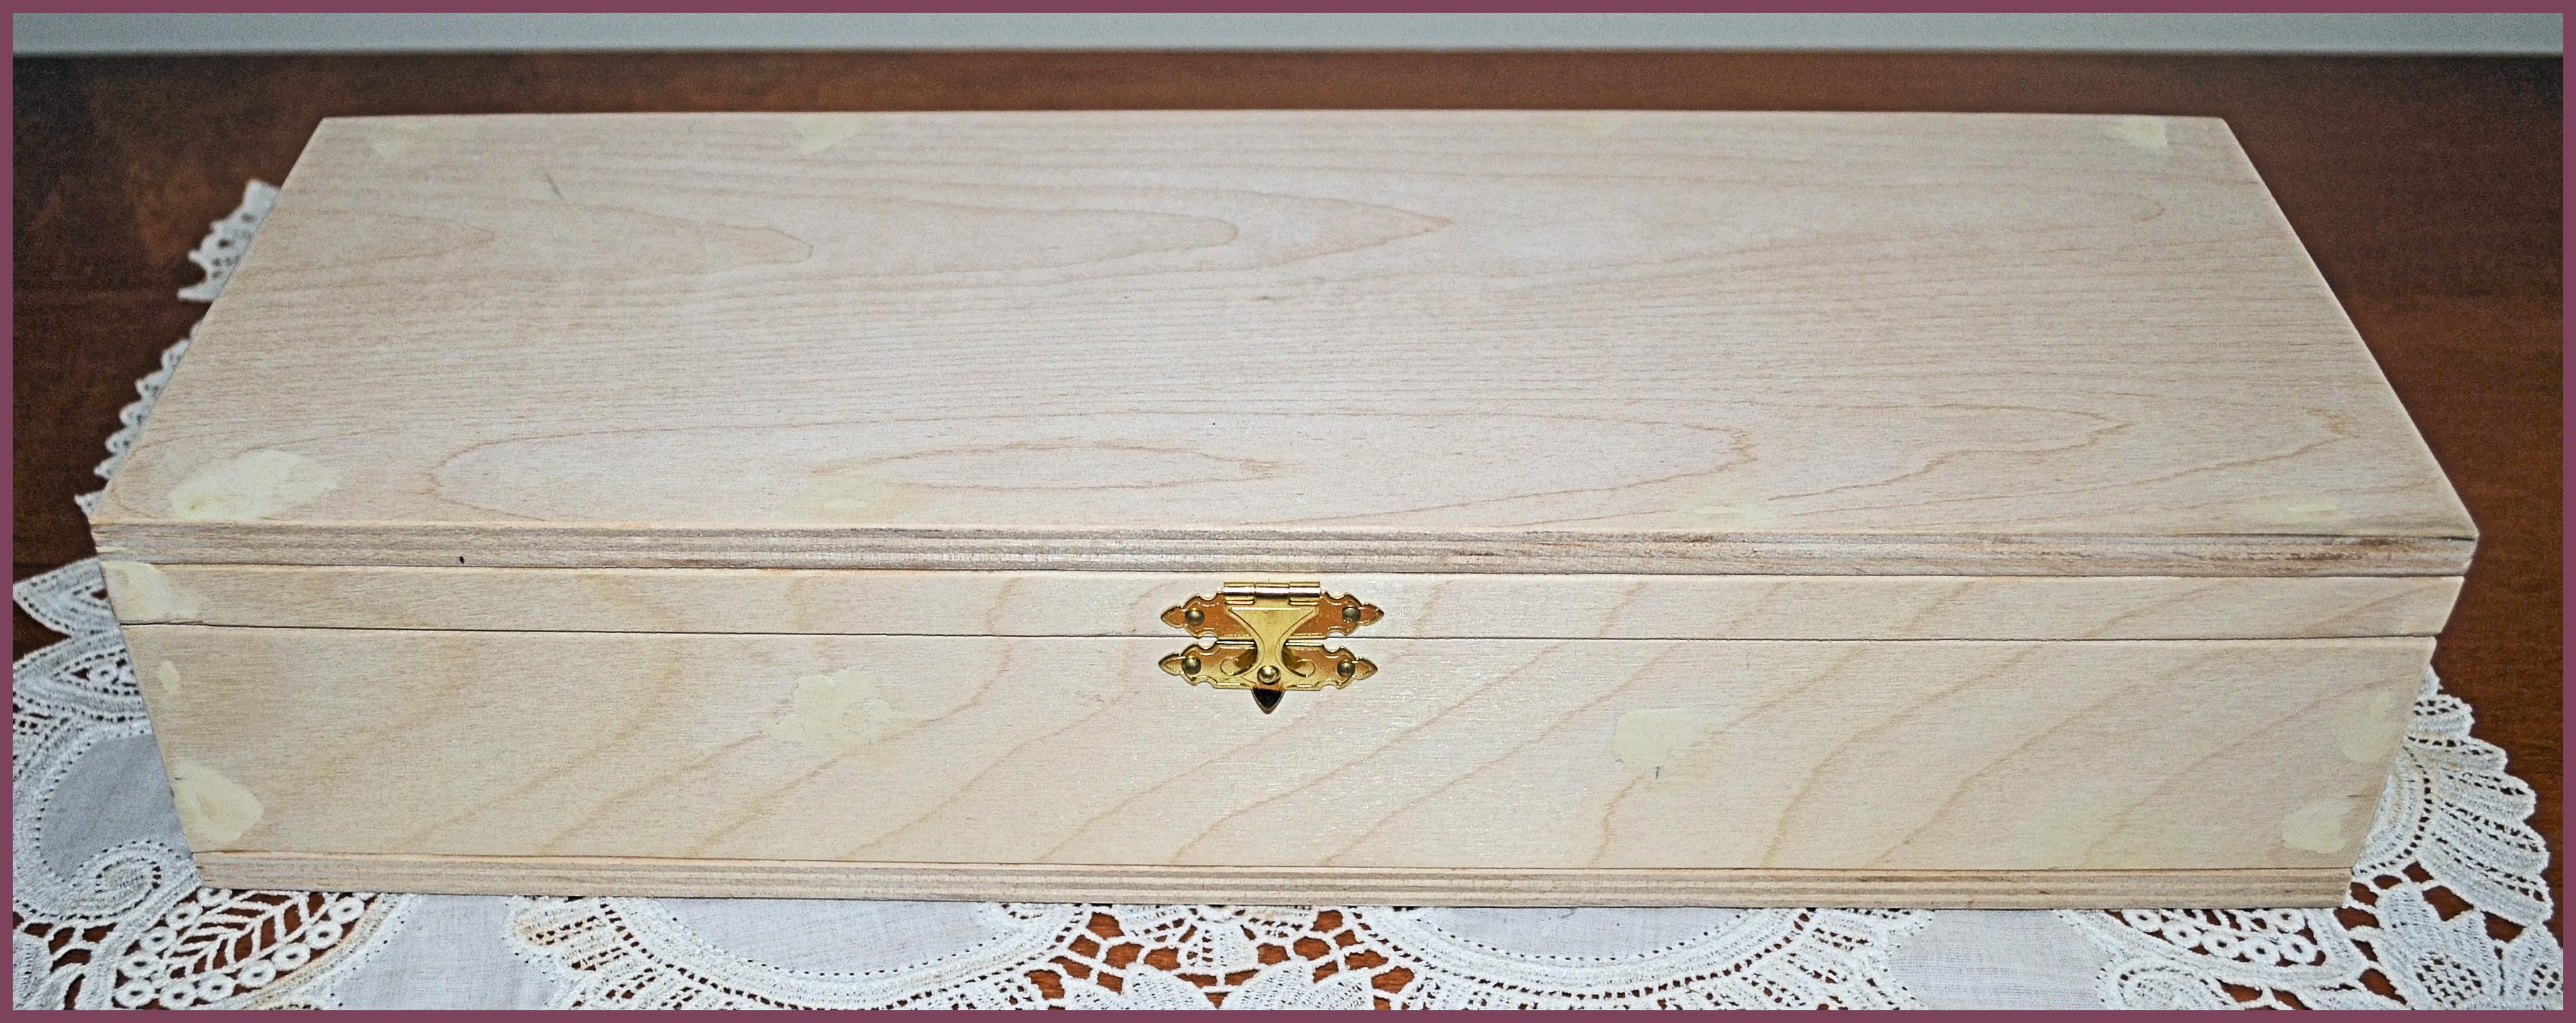 wood-jewlry-box-19230035-closd-boarder.jpg